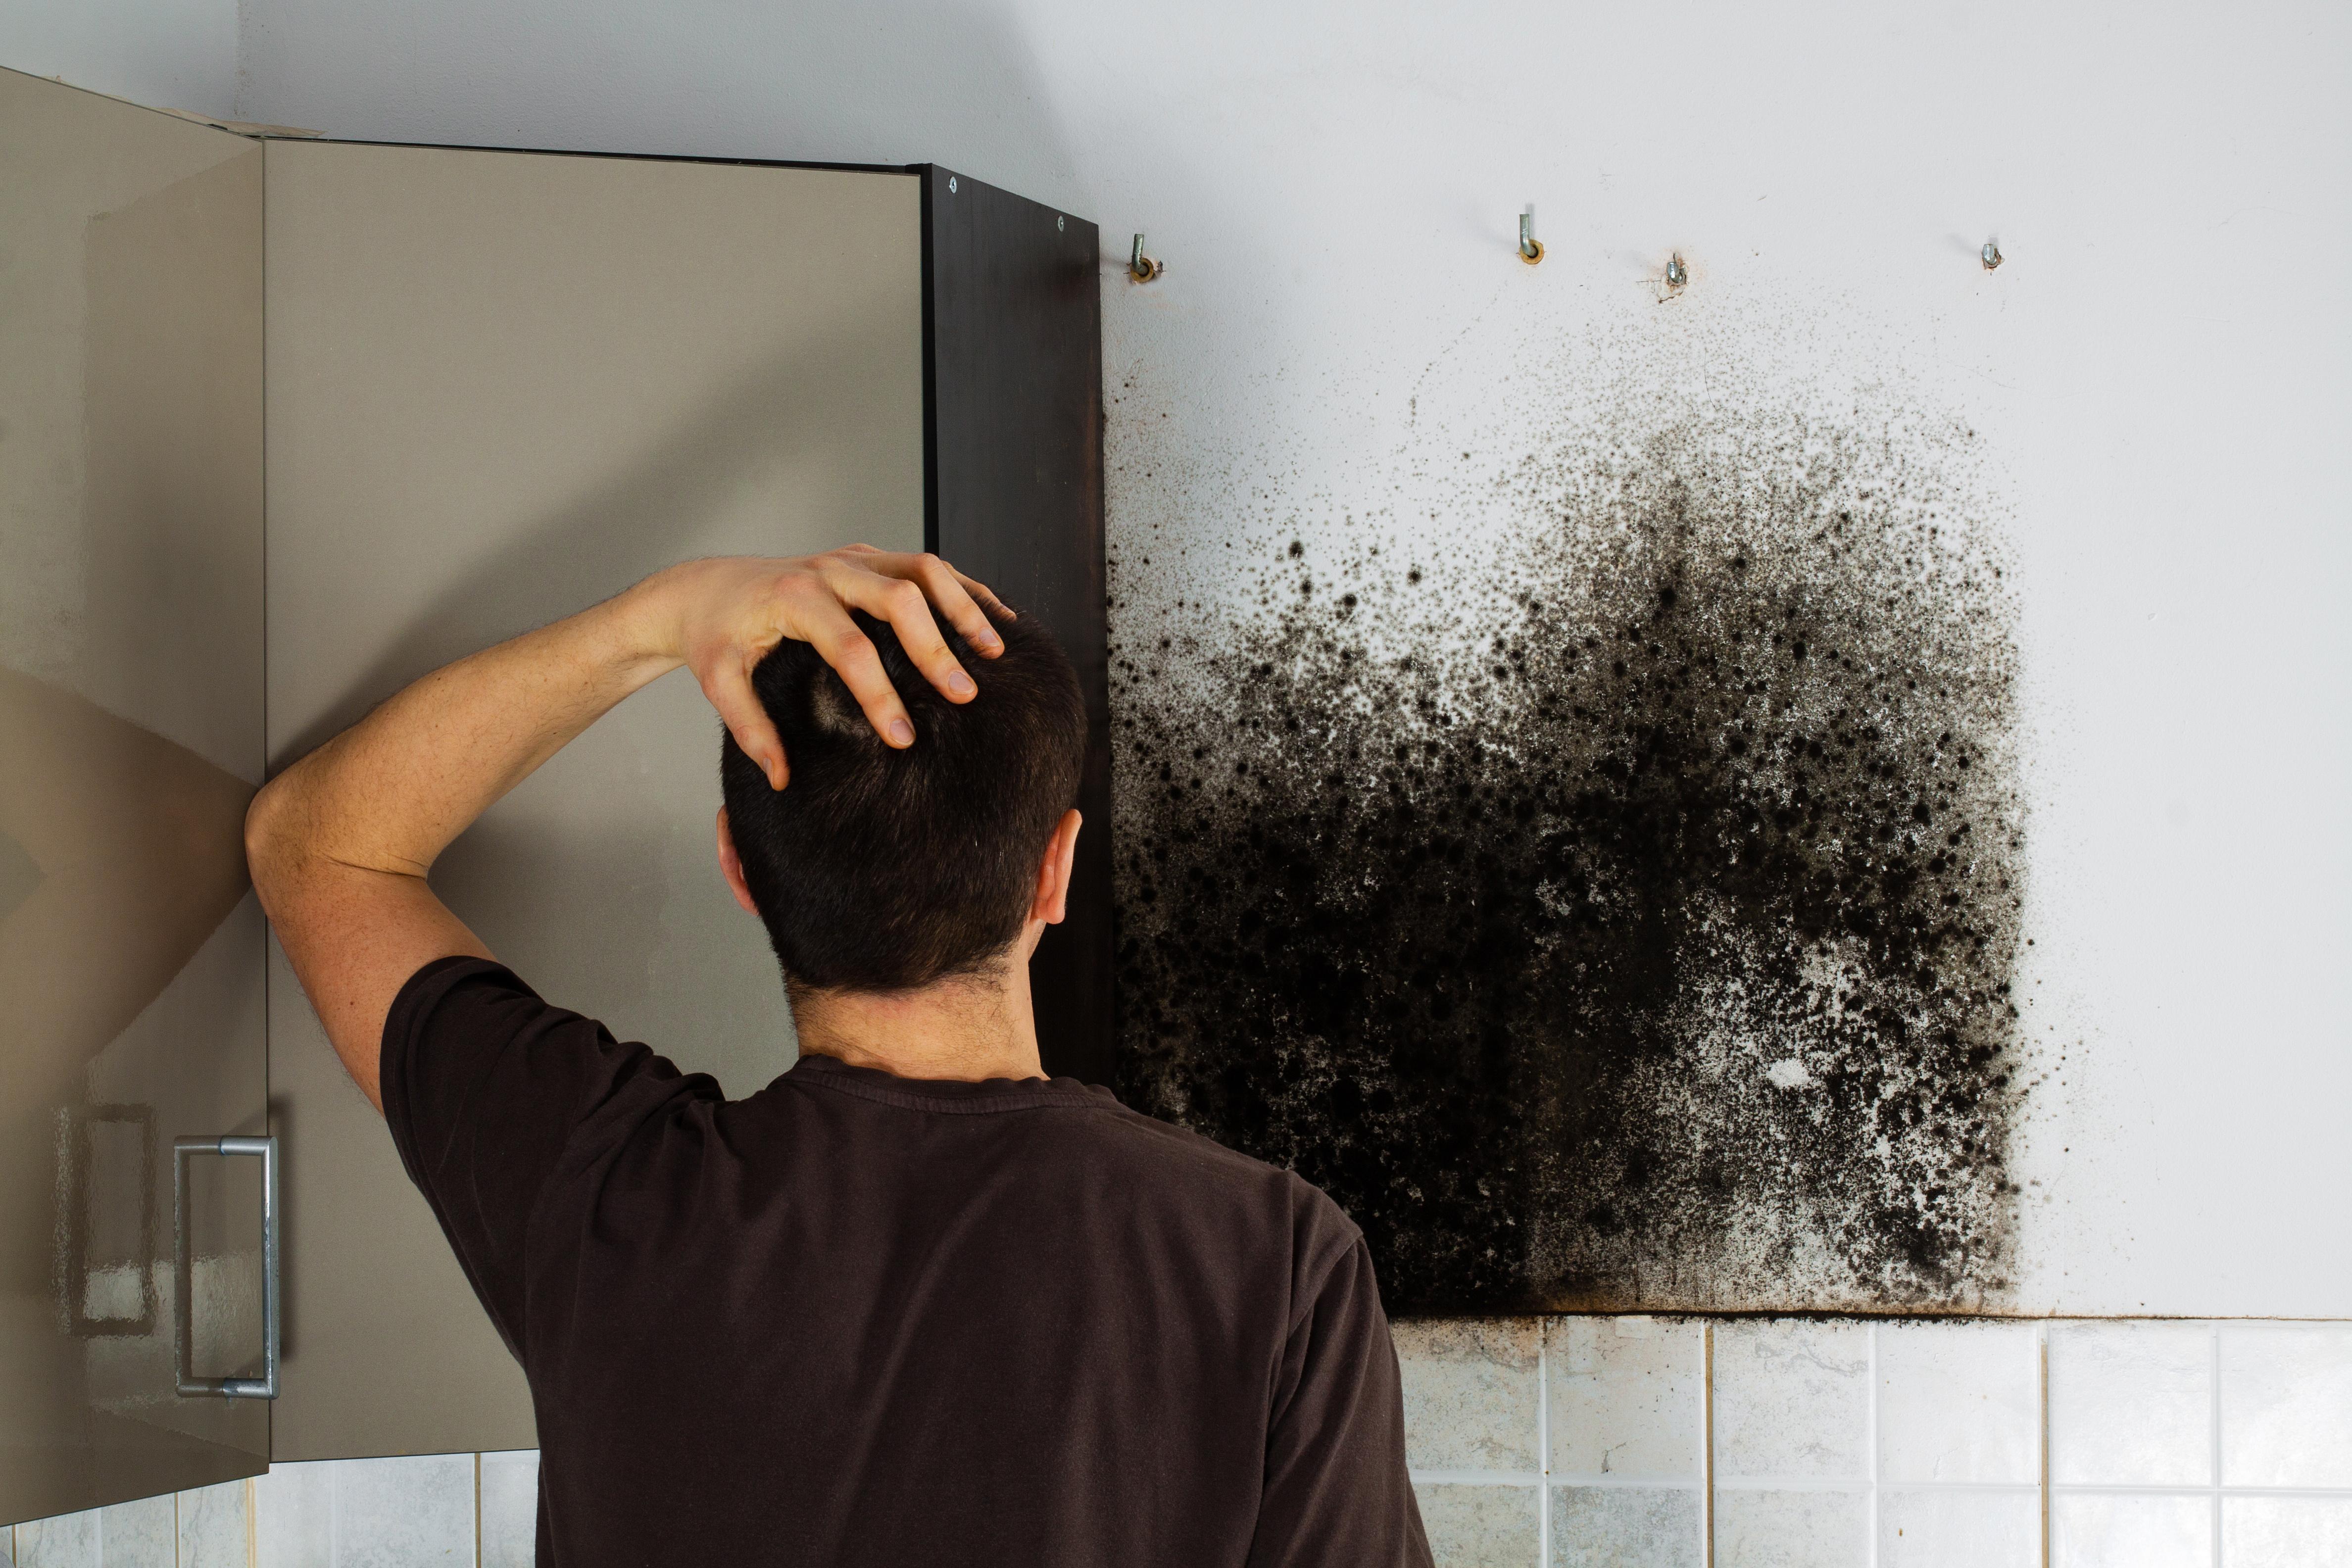 Umidità In Casa Rimedi Della Nonna muffa in casa: che fastidio quelle macchie! • smart building